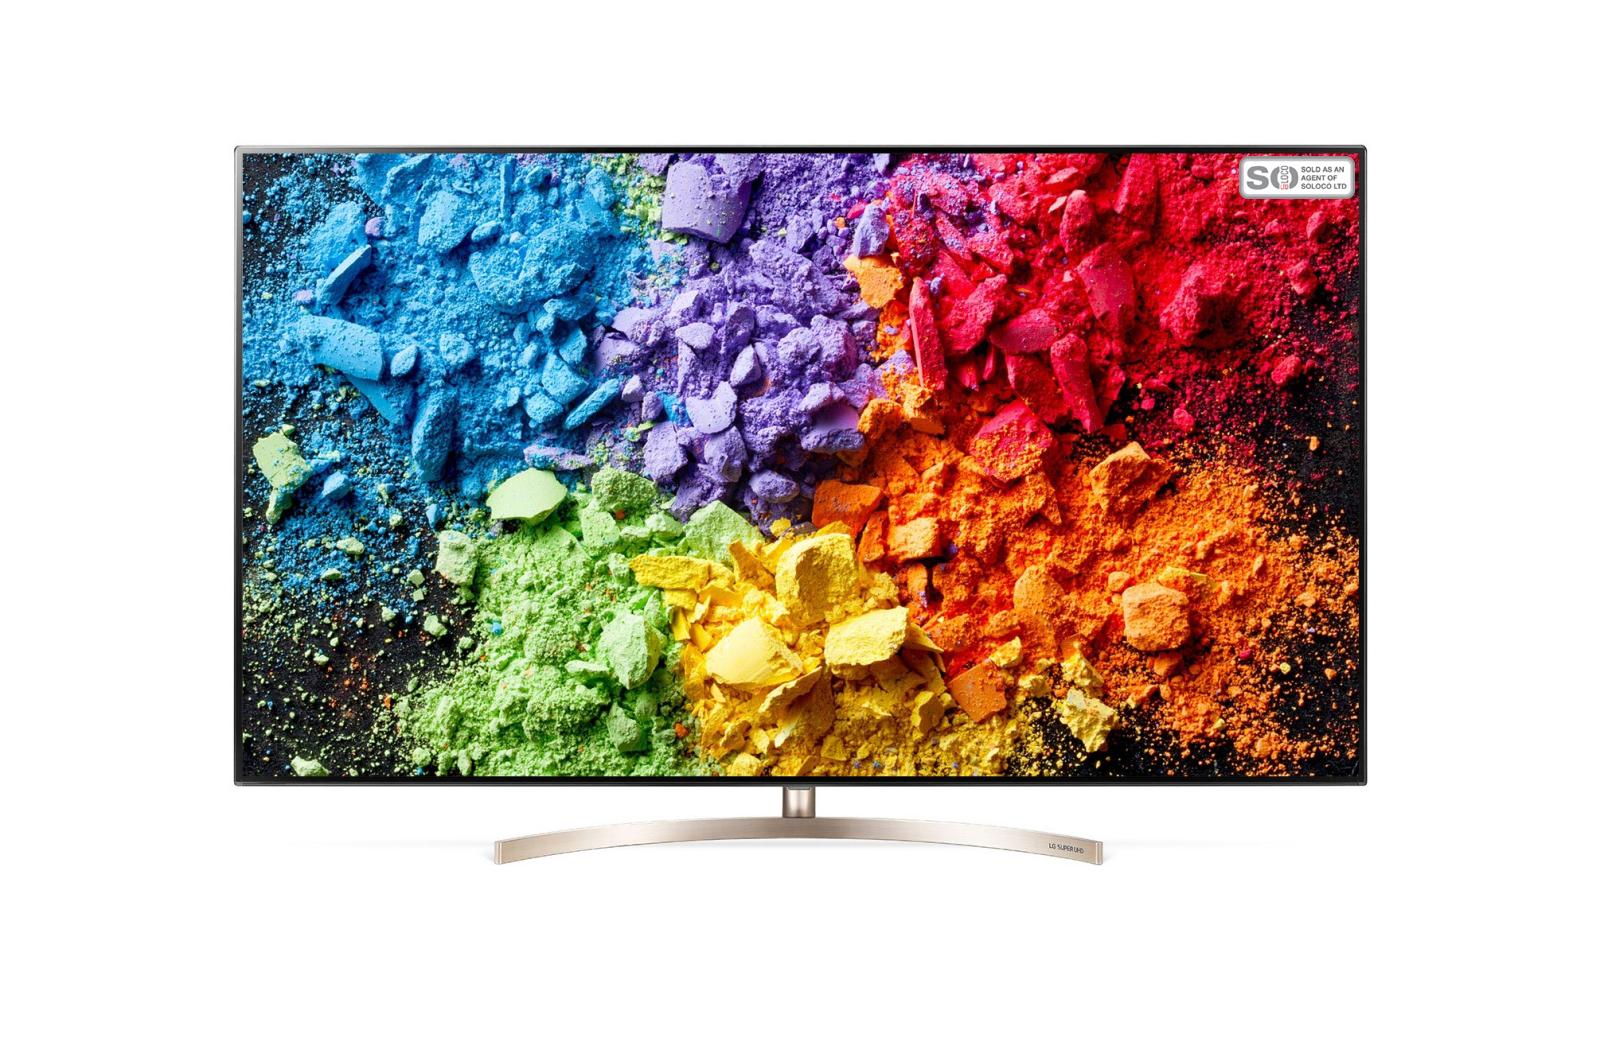 """Lg LG 65SK9500P 65"""" 4K Super UHD HDR Smart LED TV £1499 @ Tekzone"""